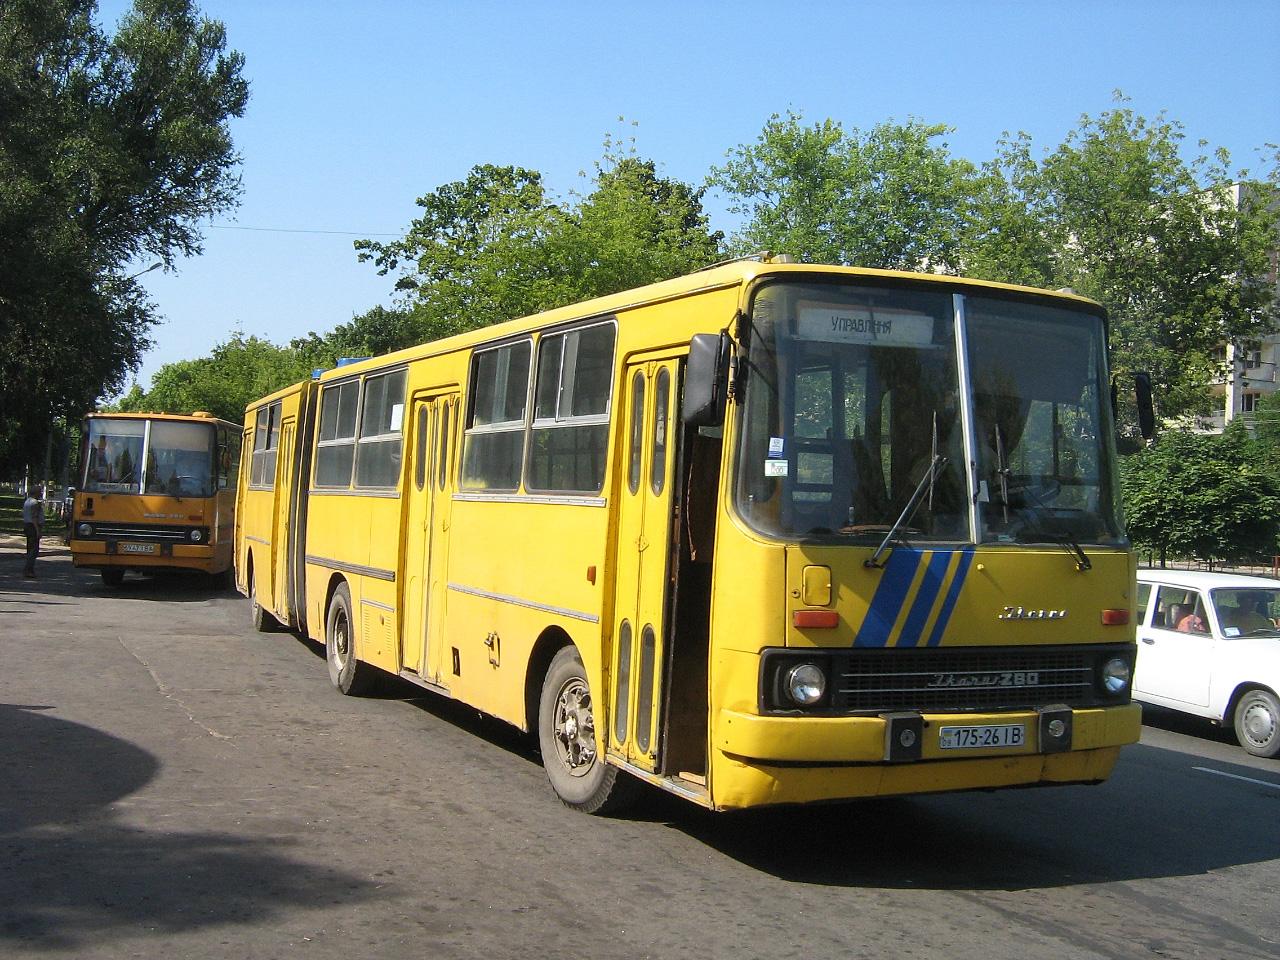 Ikarus-280 №175-26 ІВ. Івано-Франківська область, Калуш